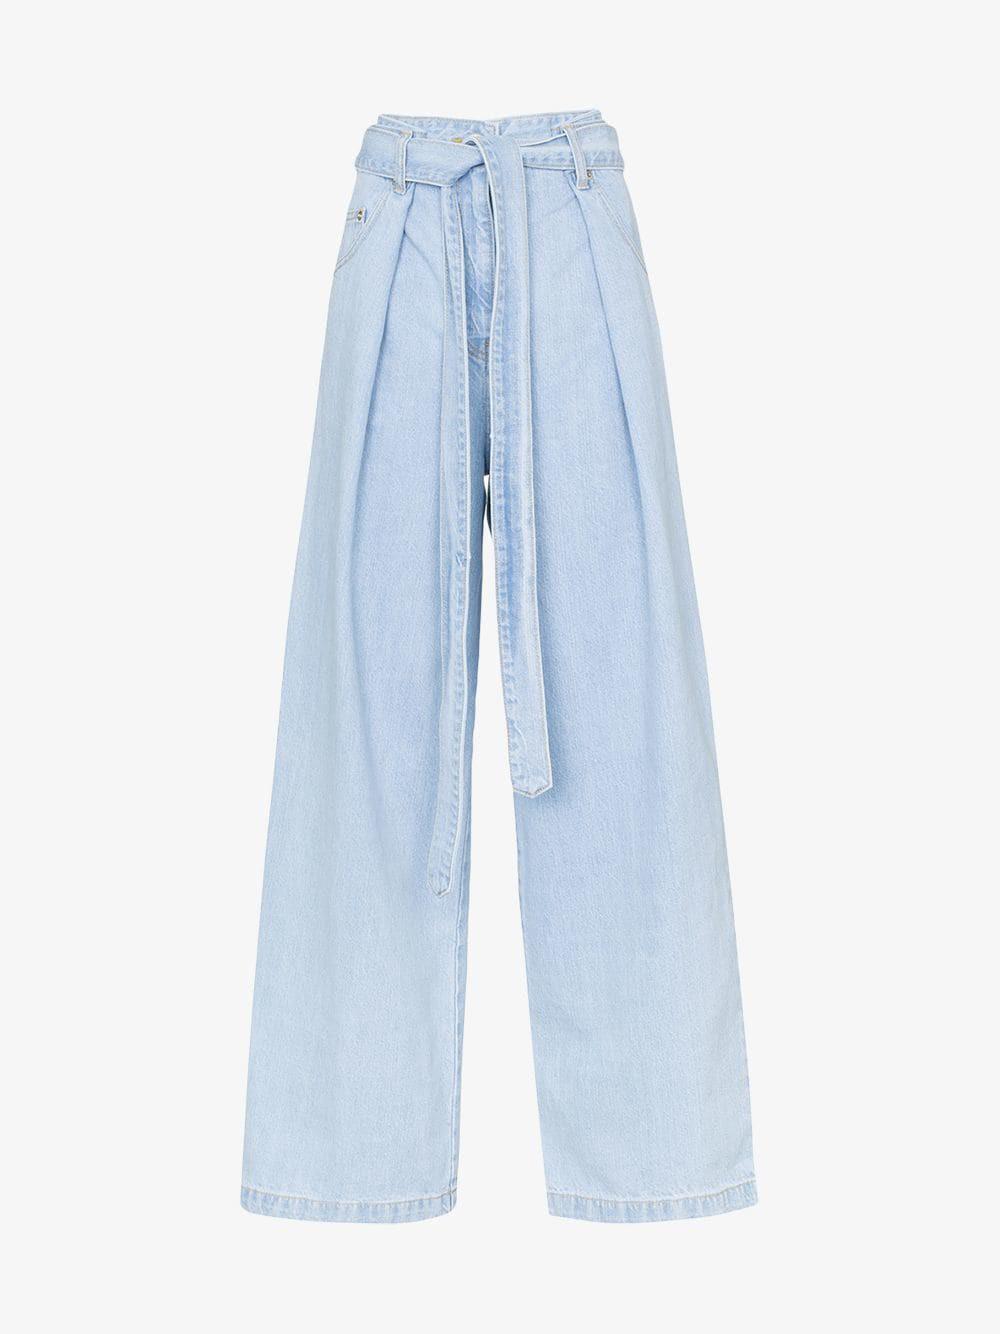 Juun.J Wide-leg pleated jeans in blue